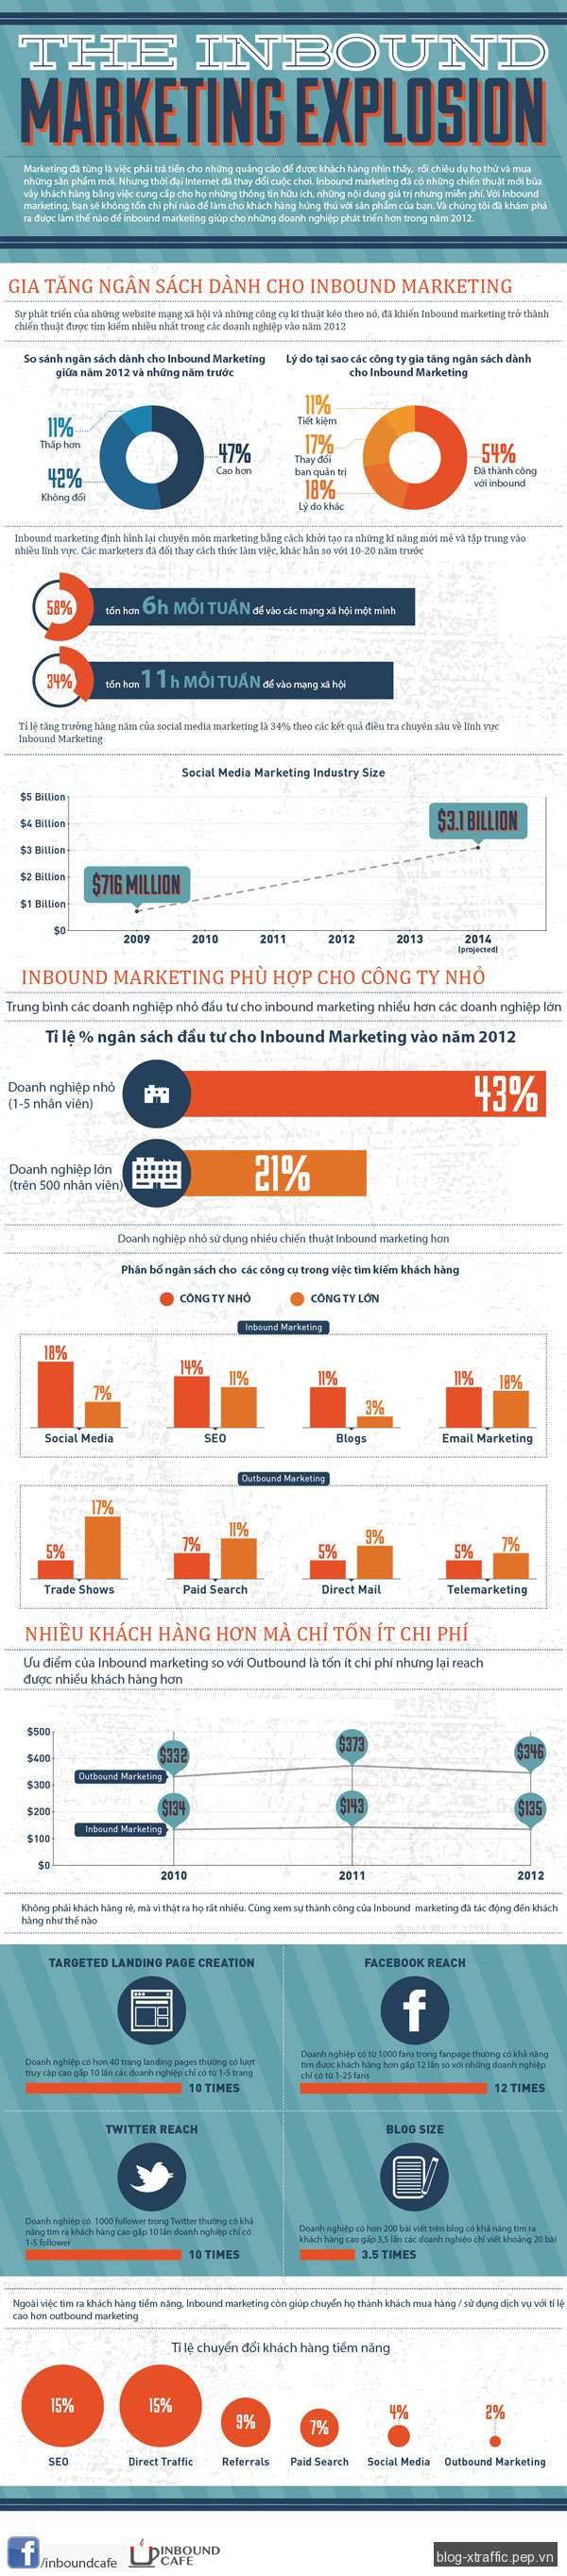 Ngân sách dành cho inbound marketing ngày càng tăng - Inbound Marketing - Digital Marketing